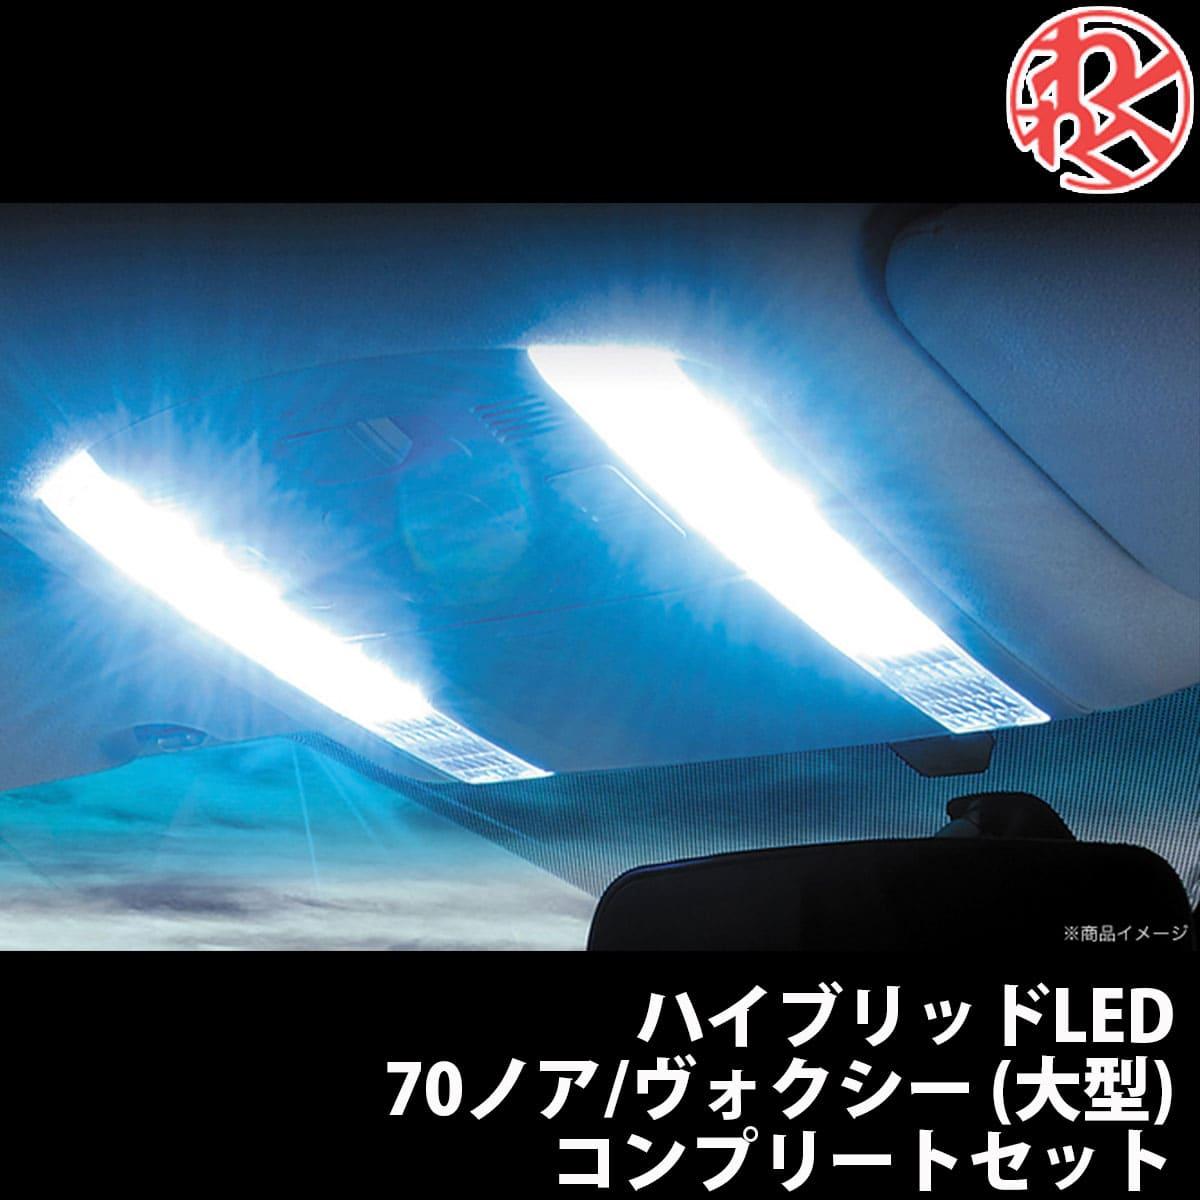 アウトレット品 K-SPEC GARAX ギャラクス ルームランプ 爆買い送料無料 レンズ コンプリートセット 特売 ZRR70 ハイブリッドLED 75 ヴォクシー 大型 ノア